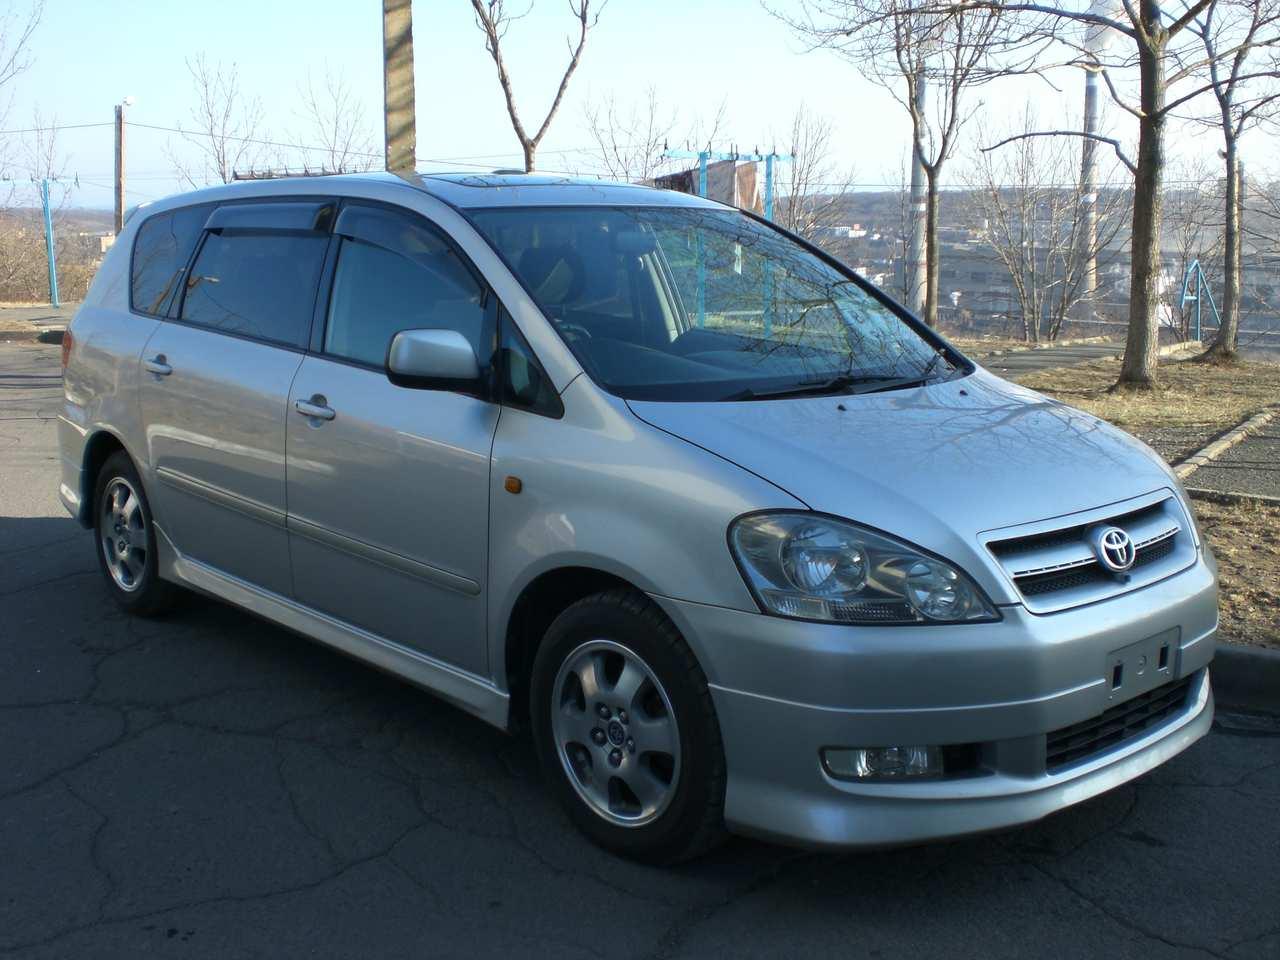 2002 Toyota Ipsum Pictures 2 4l Gasoline Ff Automatic